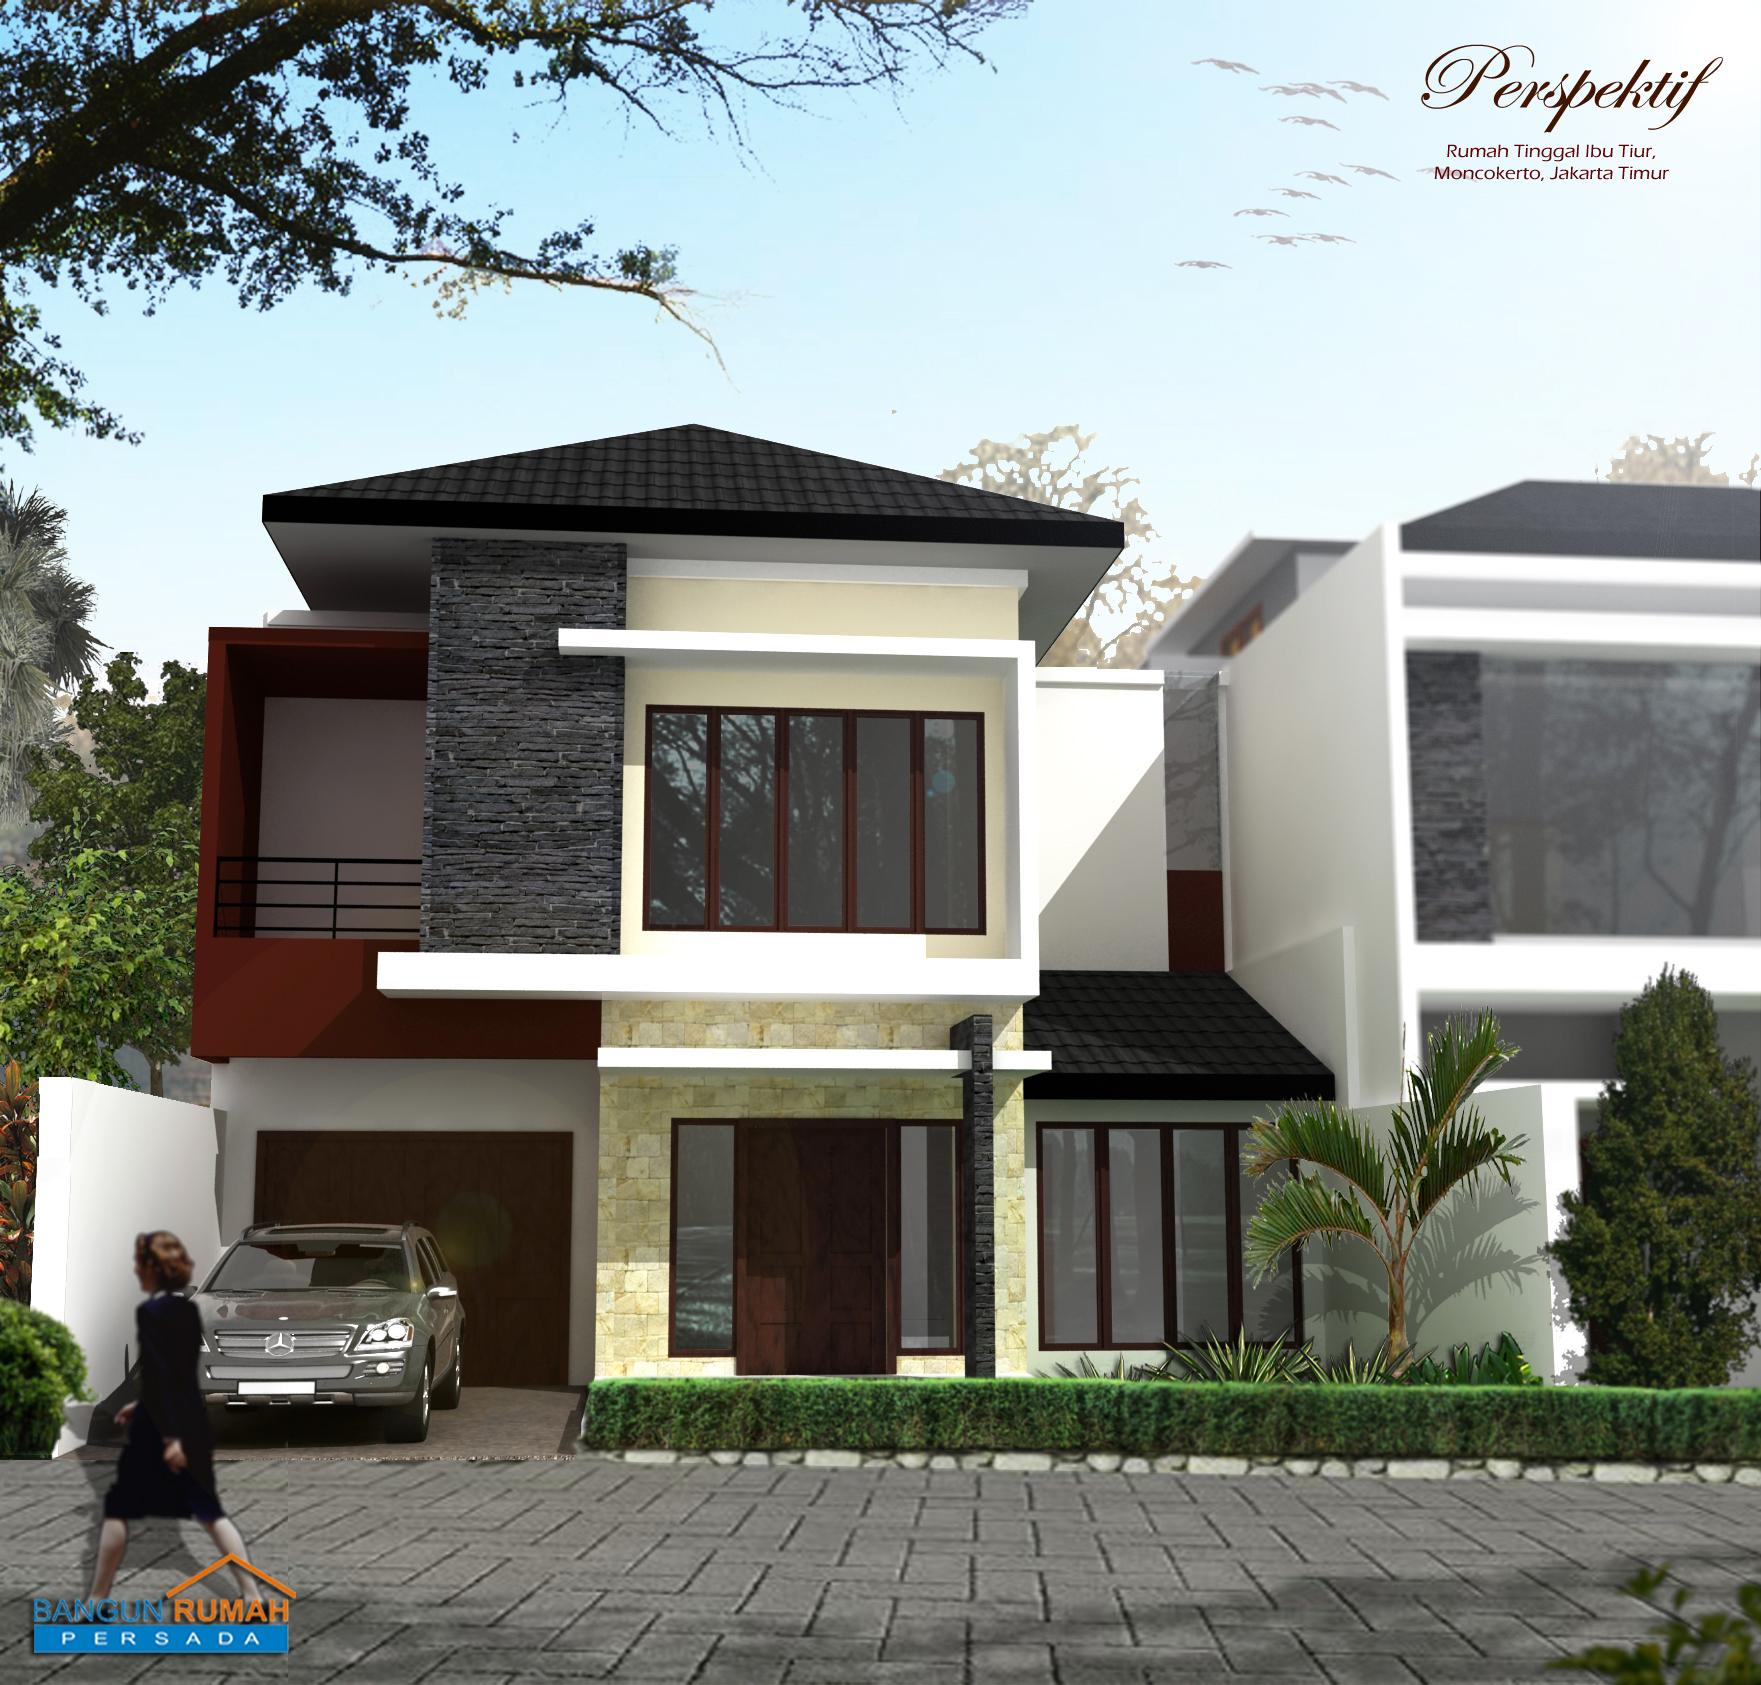 Desain Rumah / Bangun Rumah di Utankayu Jakarta Timur